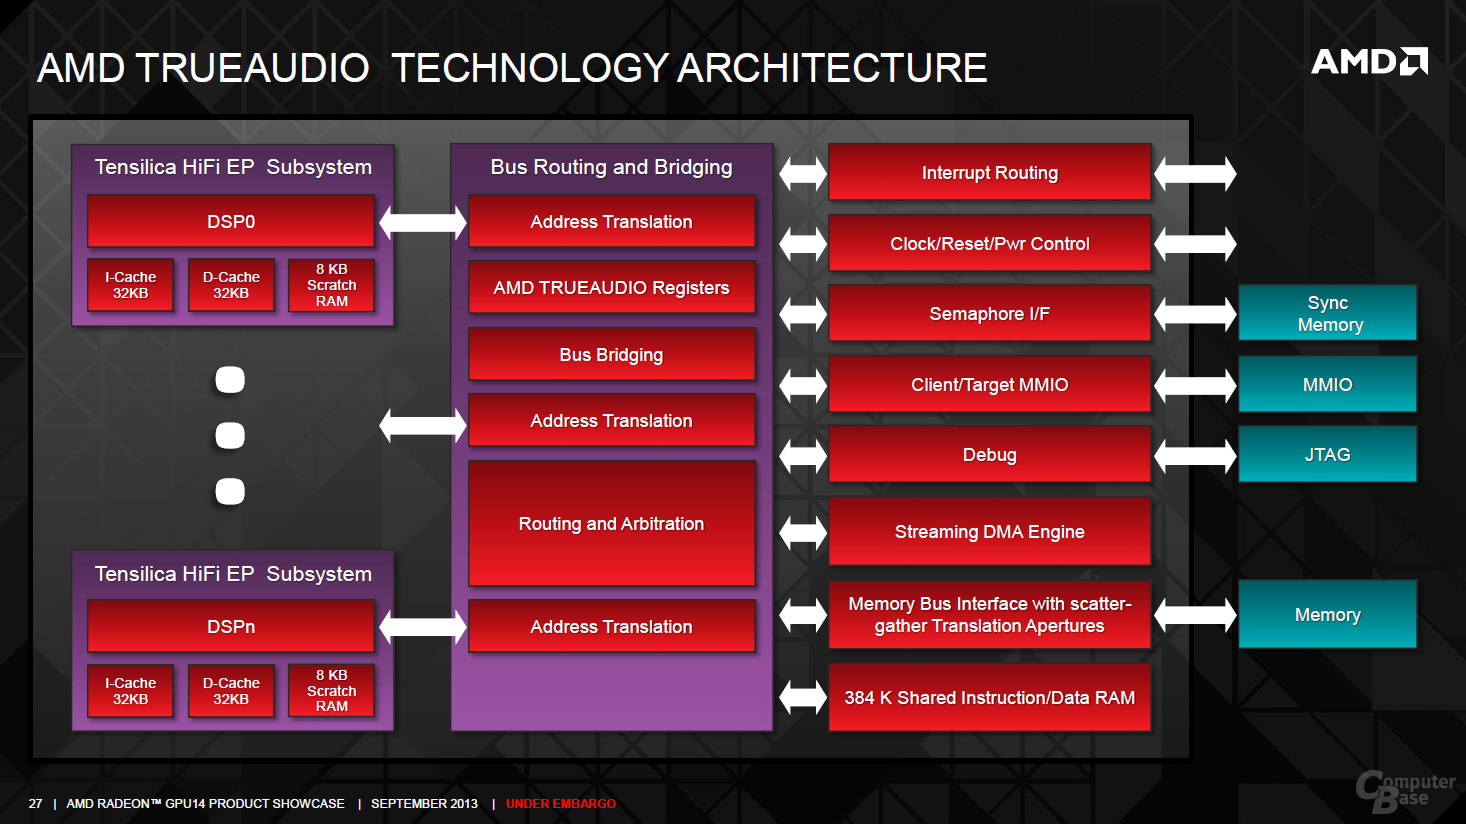 AMD TrueAudio